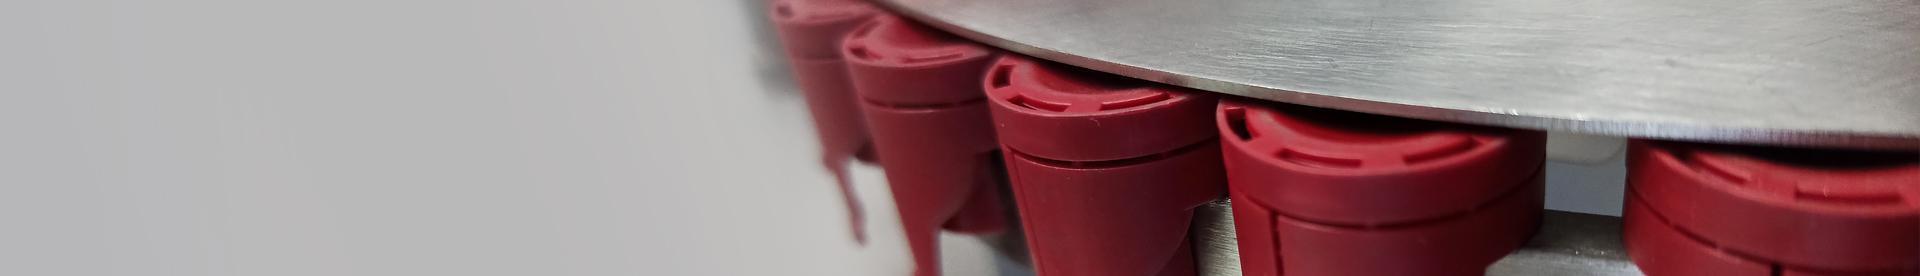 czerwone pokrywki